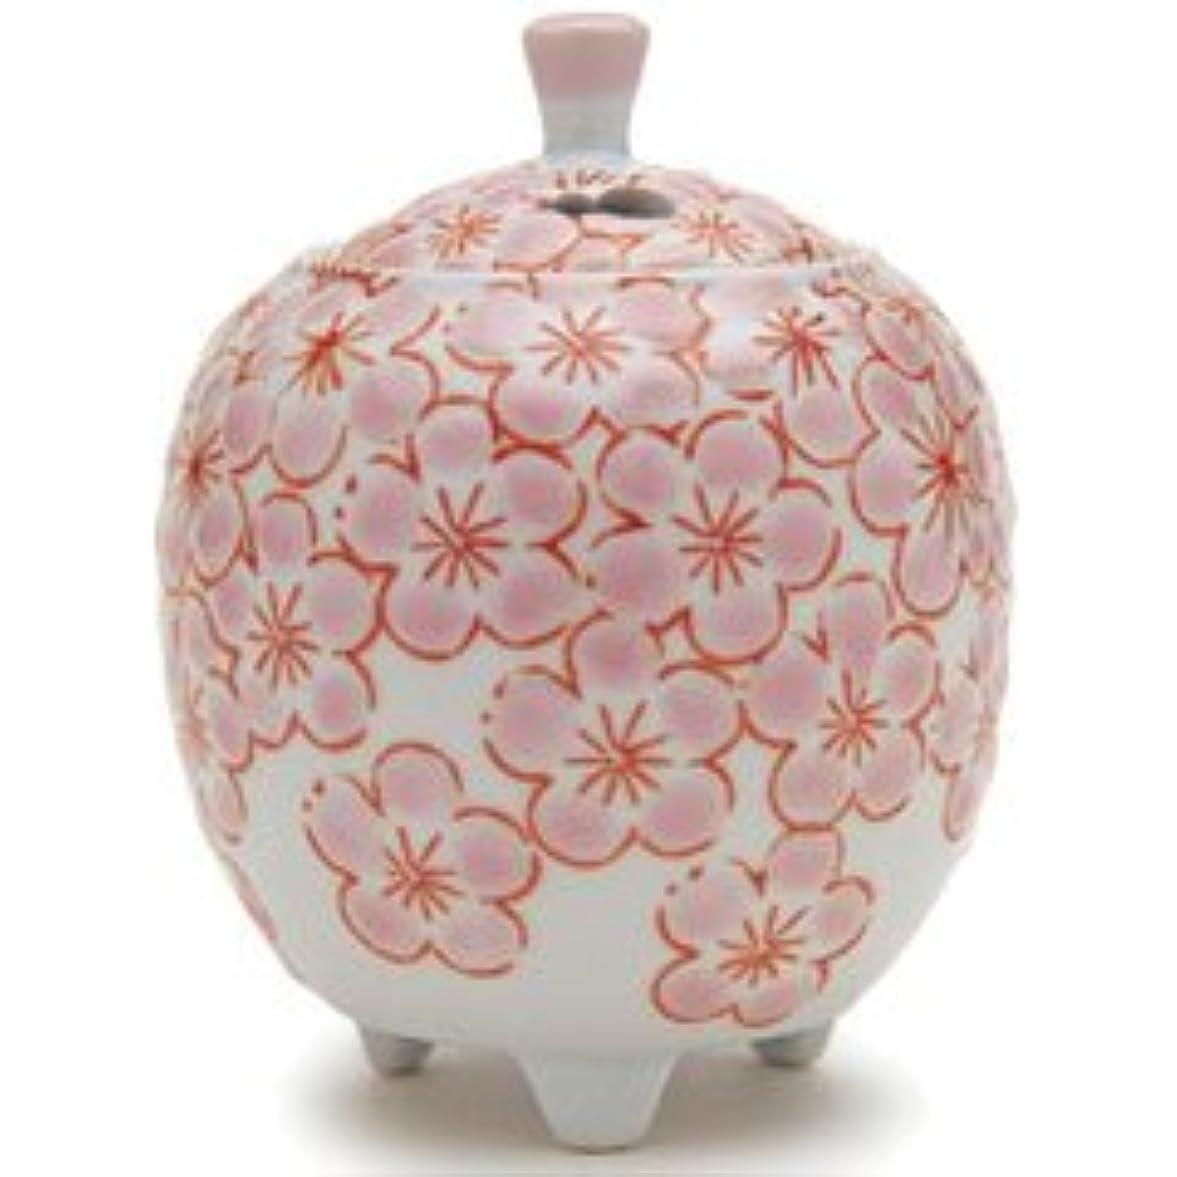 カジュアルボーカルにおい香炉 流麗 花詰 ピンク (九谷焼)